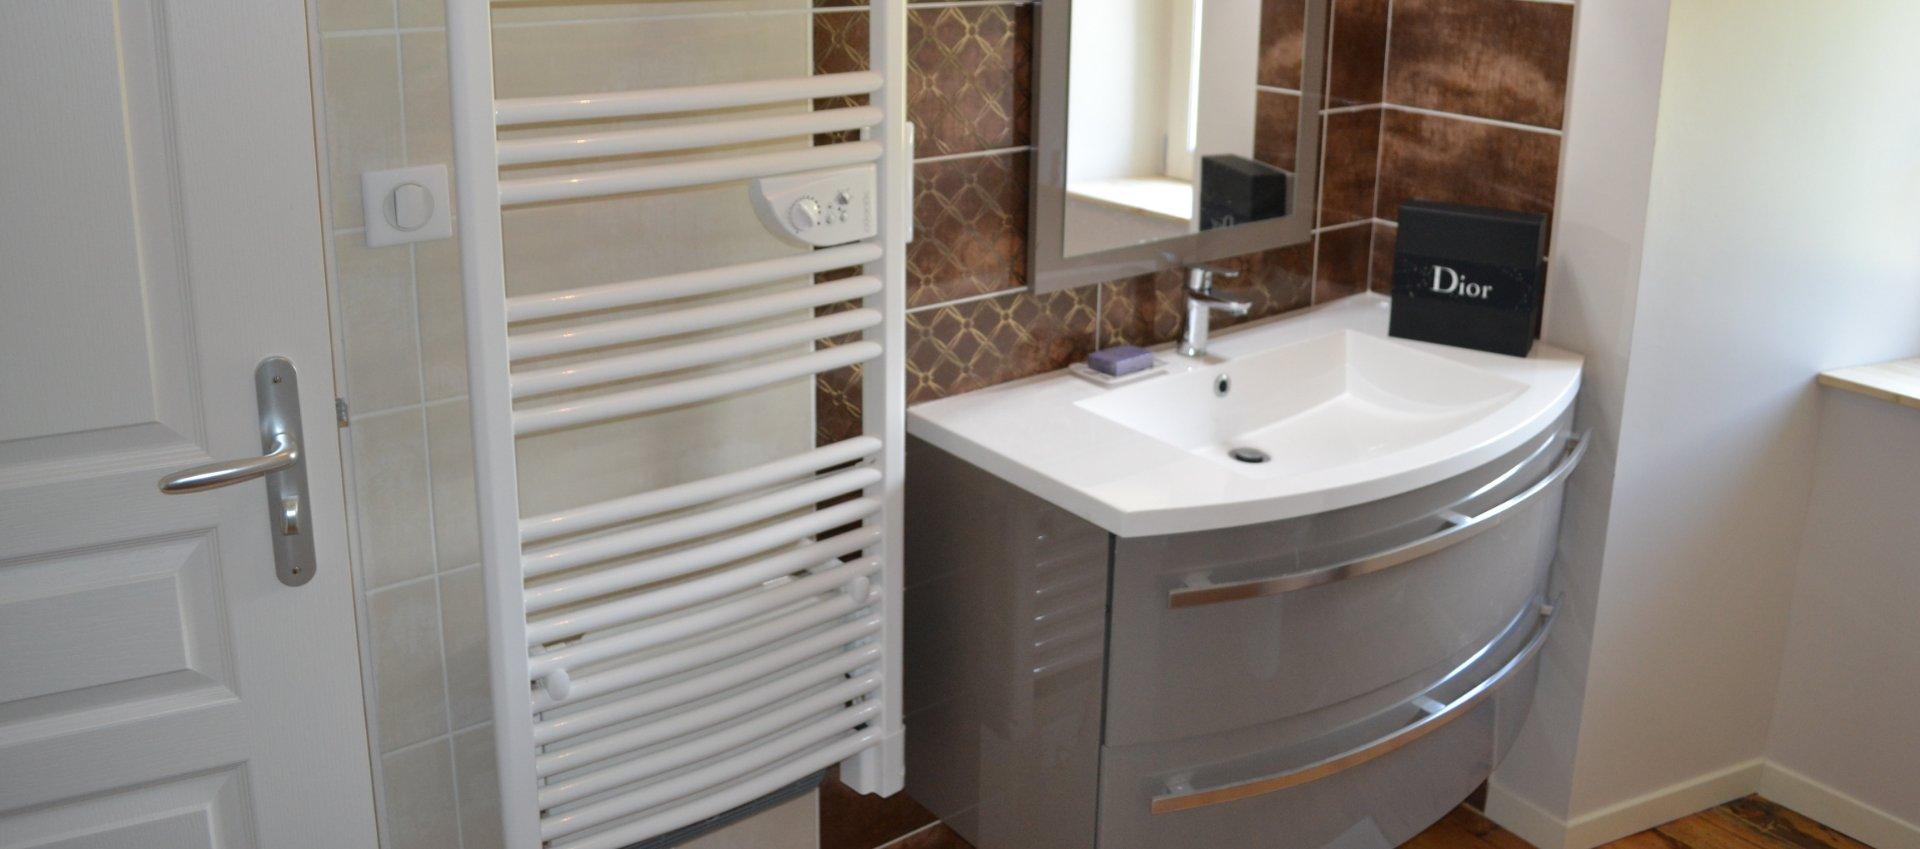 salle de bain Cantal